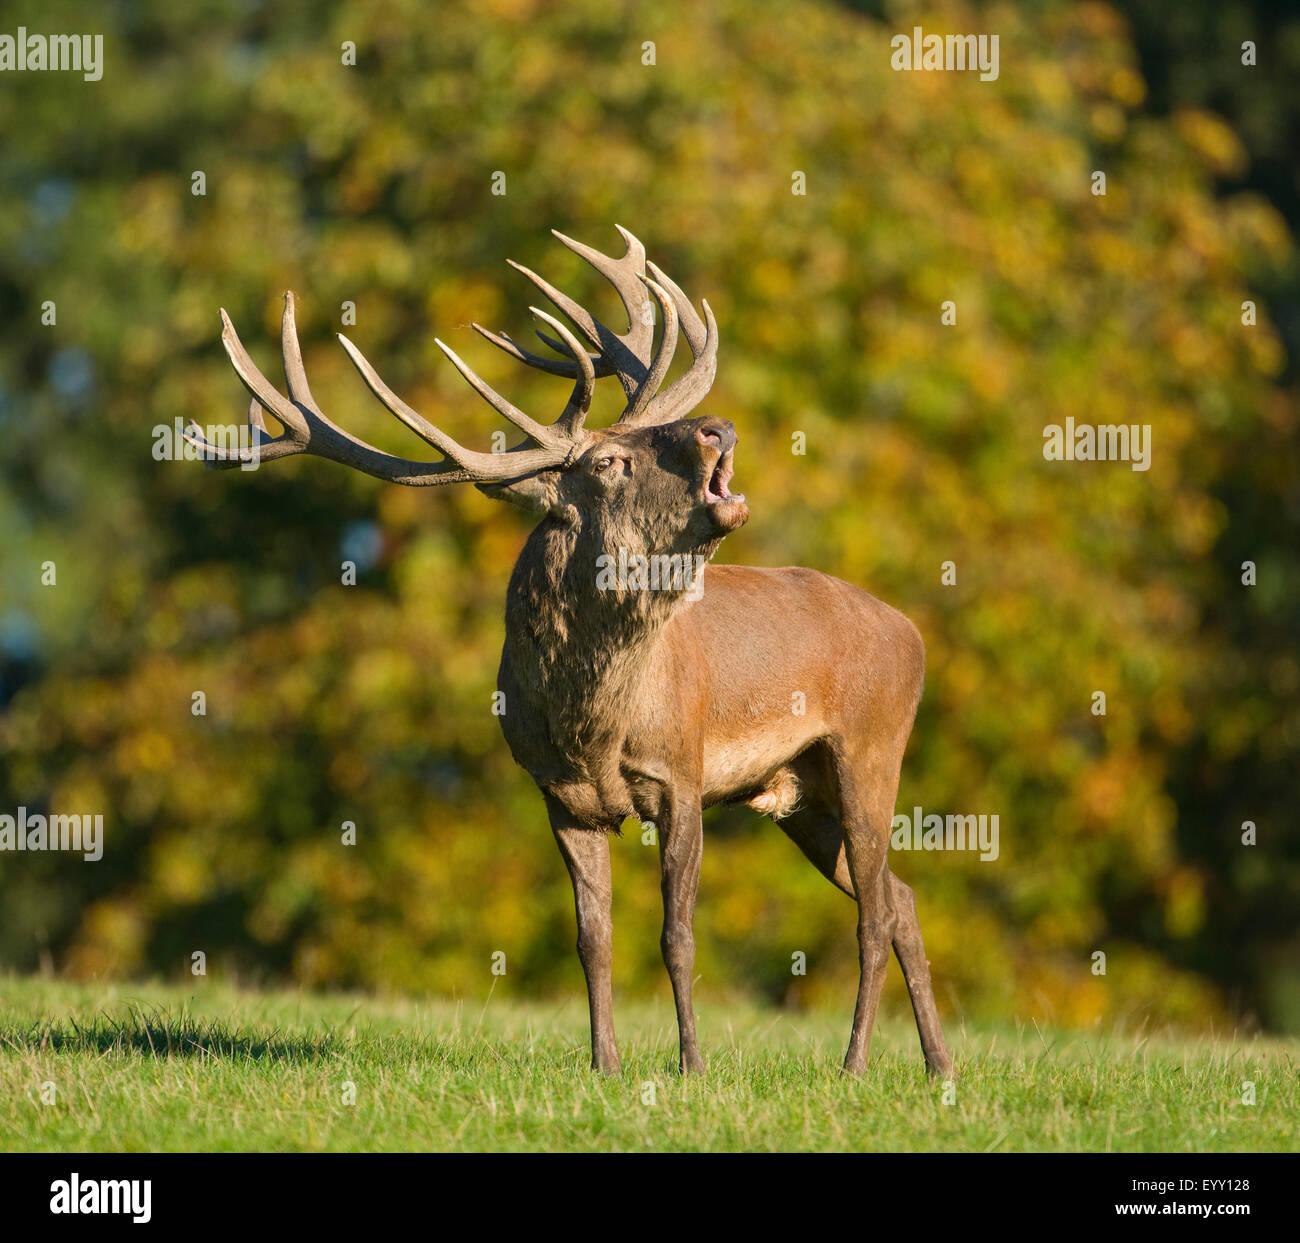 Ciervo rojo (Cervus elaphus) mugidos durante la temporada de celo, cautiva, Baja Sajonia, Alemania Imagen De Stock